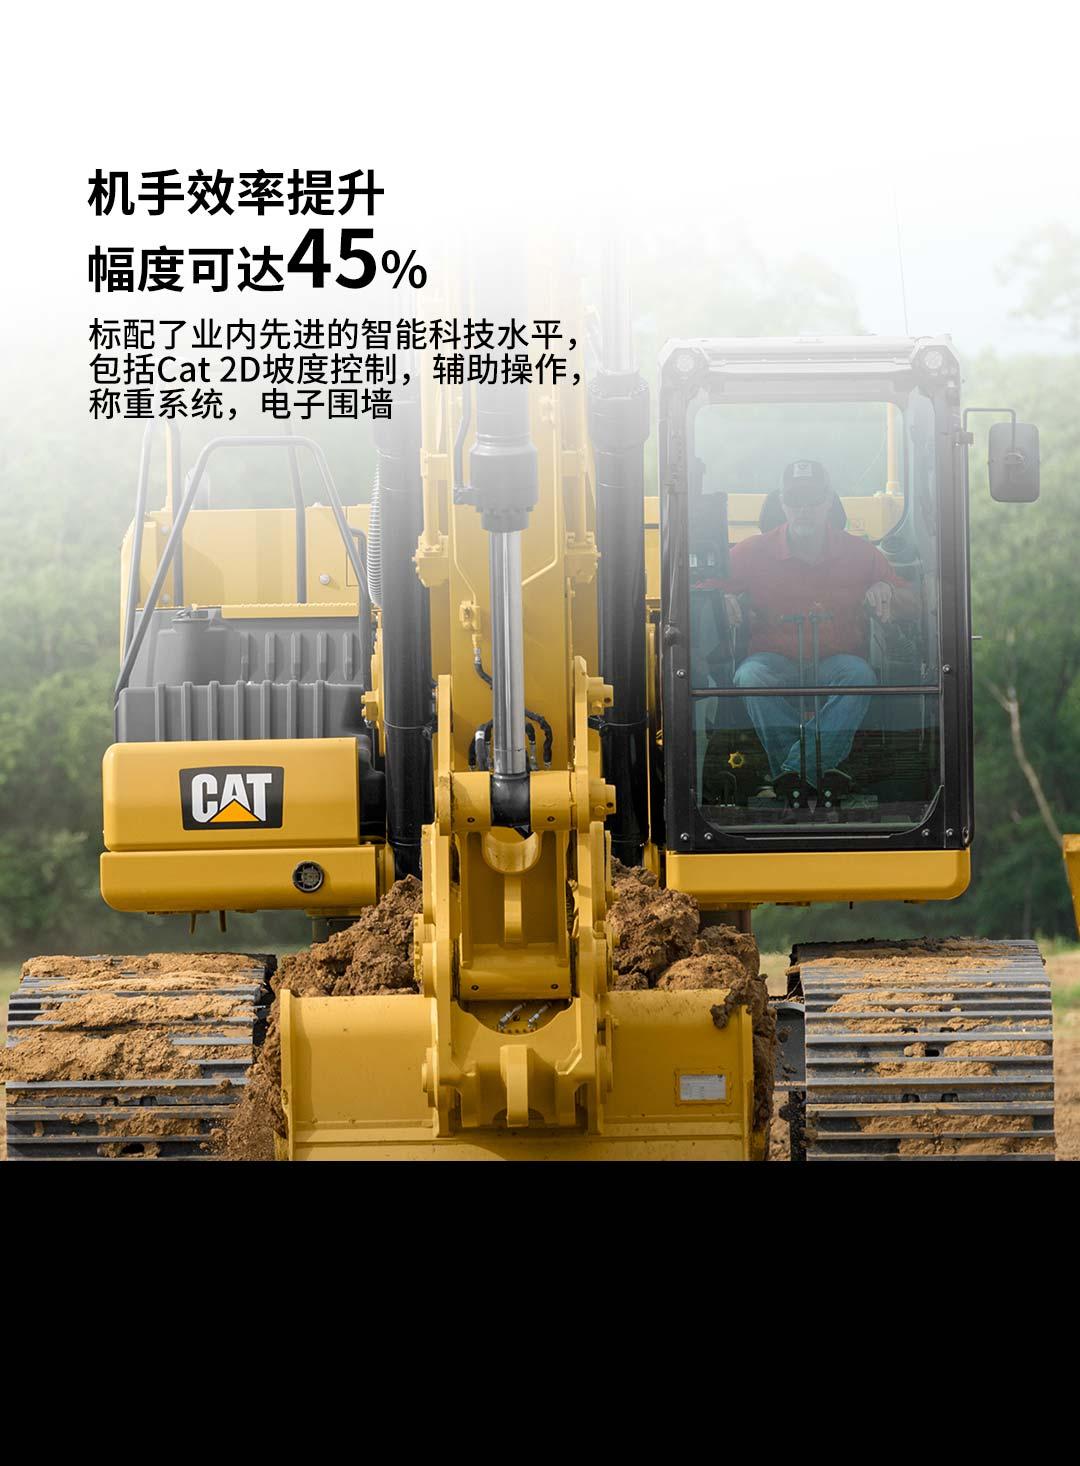 新一代CAT®330 液压挖掘机